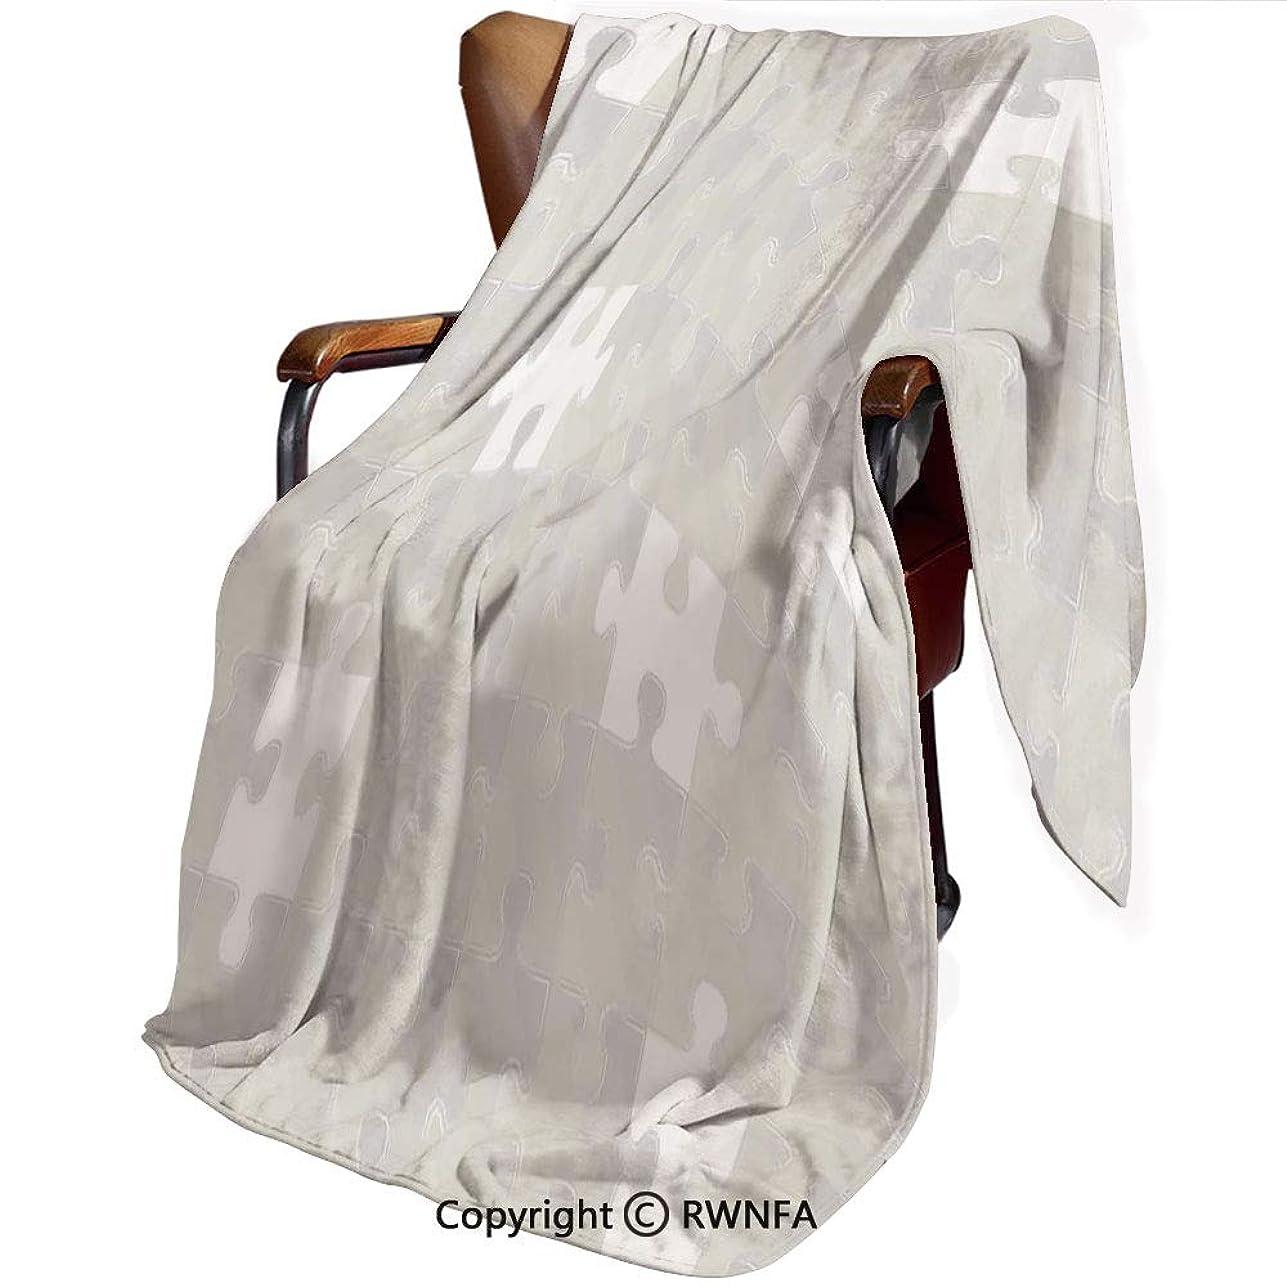 道を作るコンテンポラリー積極的にグレー 印刷者 毛布 シングル ネイビー マイヤー毛布 柔軟軽量発熱 吸湿/静電気防止/洗える オールシーズン 柔らかく肌触り 洗える ライト シンプルな明るい背景で抽象的なパズルパターンみすぼらしいモザイク飾りアイデア子供家の装飾 140cmx200cm グレー